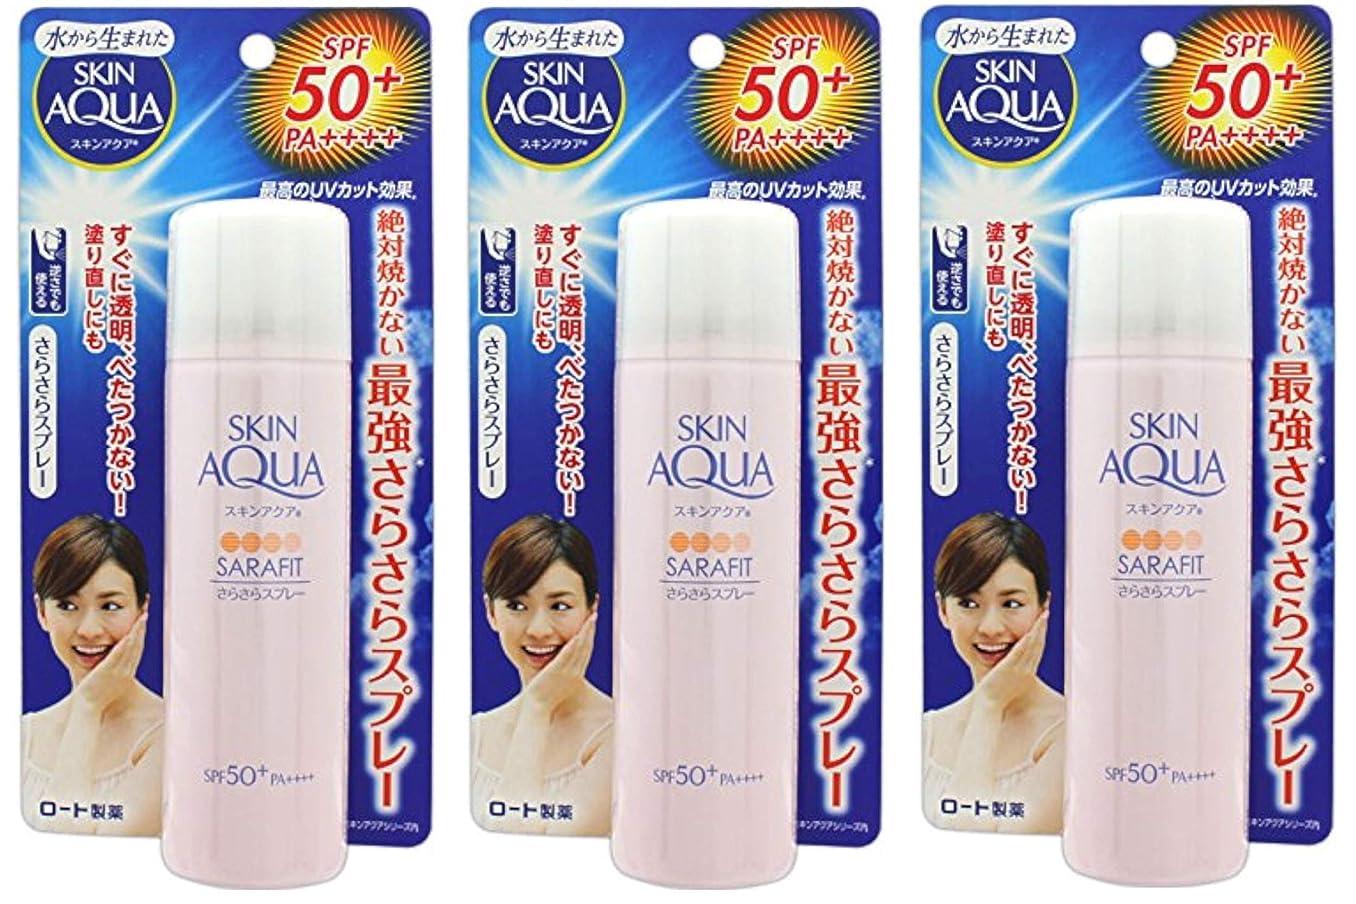 【まとめ買い】スキンアクア サラフィットUV さらさらスプレー アクアフローラルの香り (SPF50+ PA++++) 50g×3個